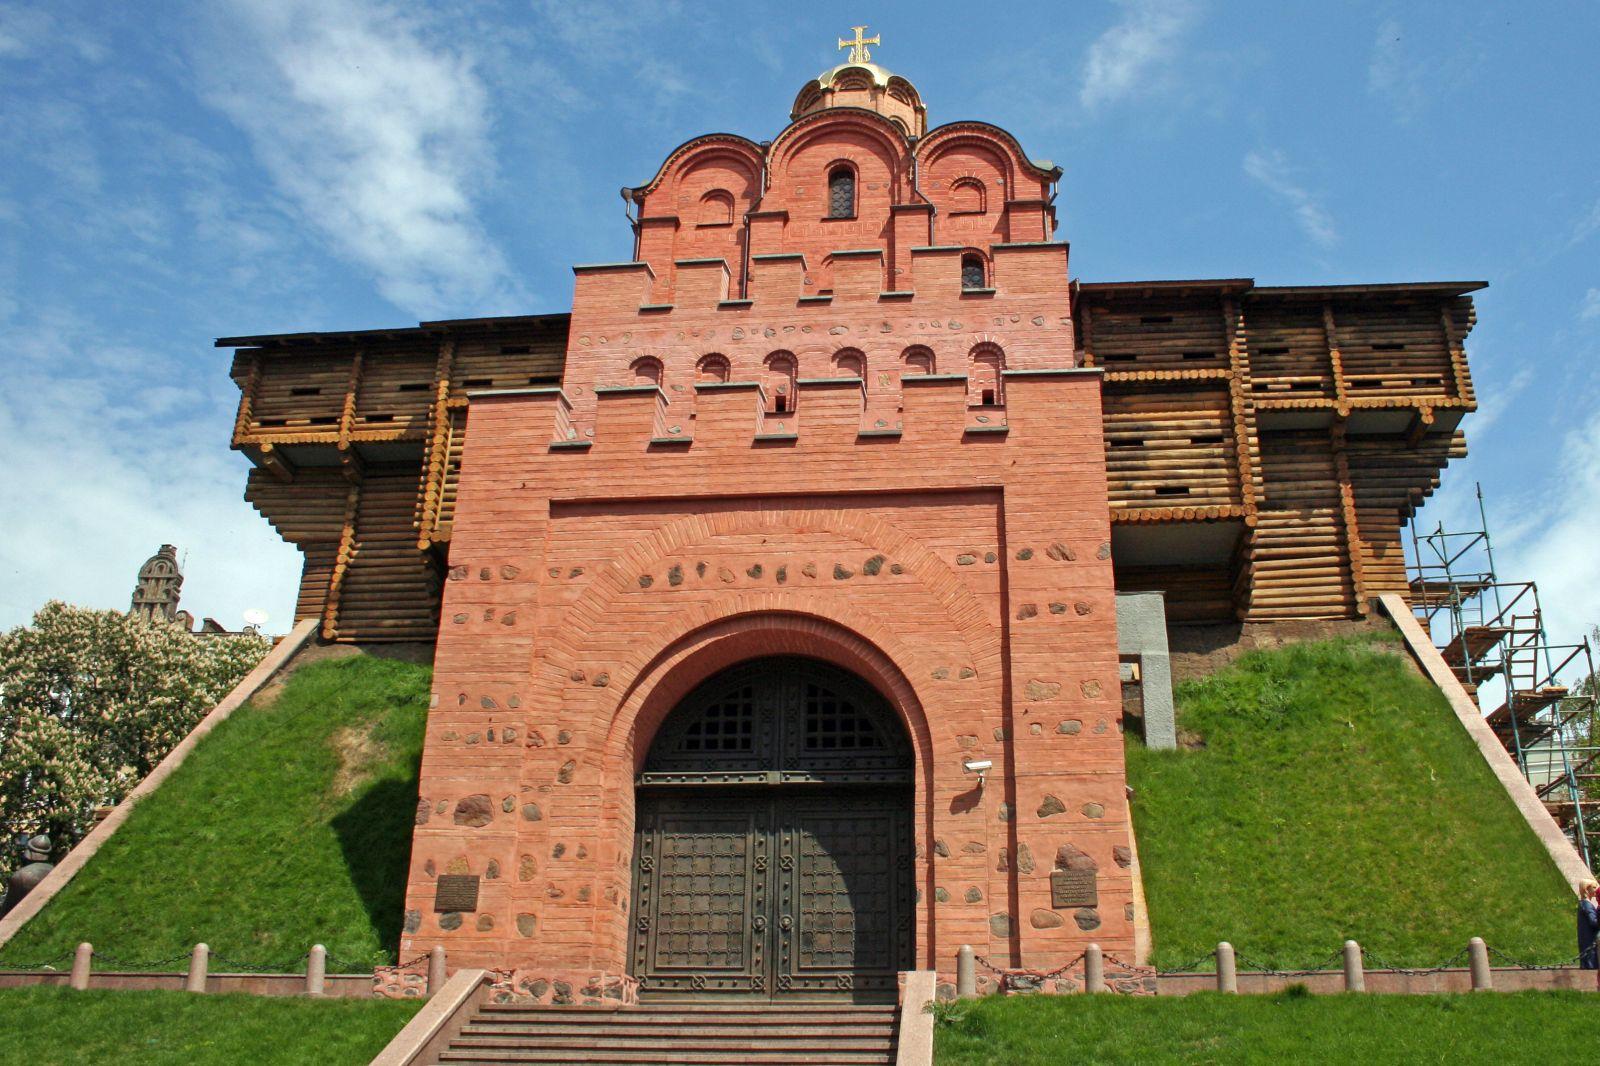 Исторические памятники. Золотые ворота в Киеве